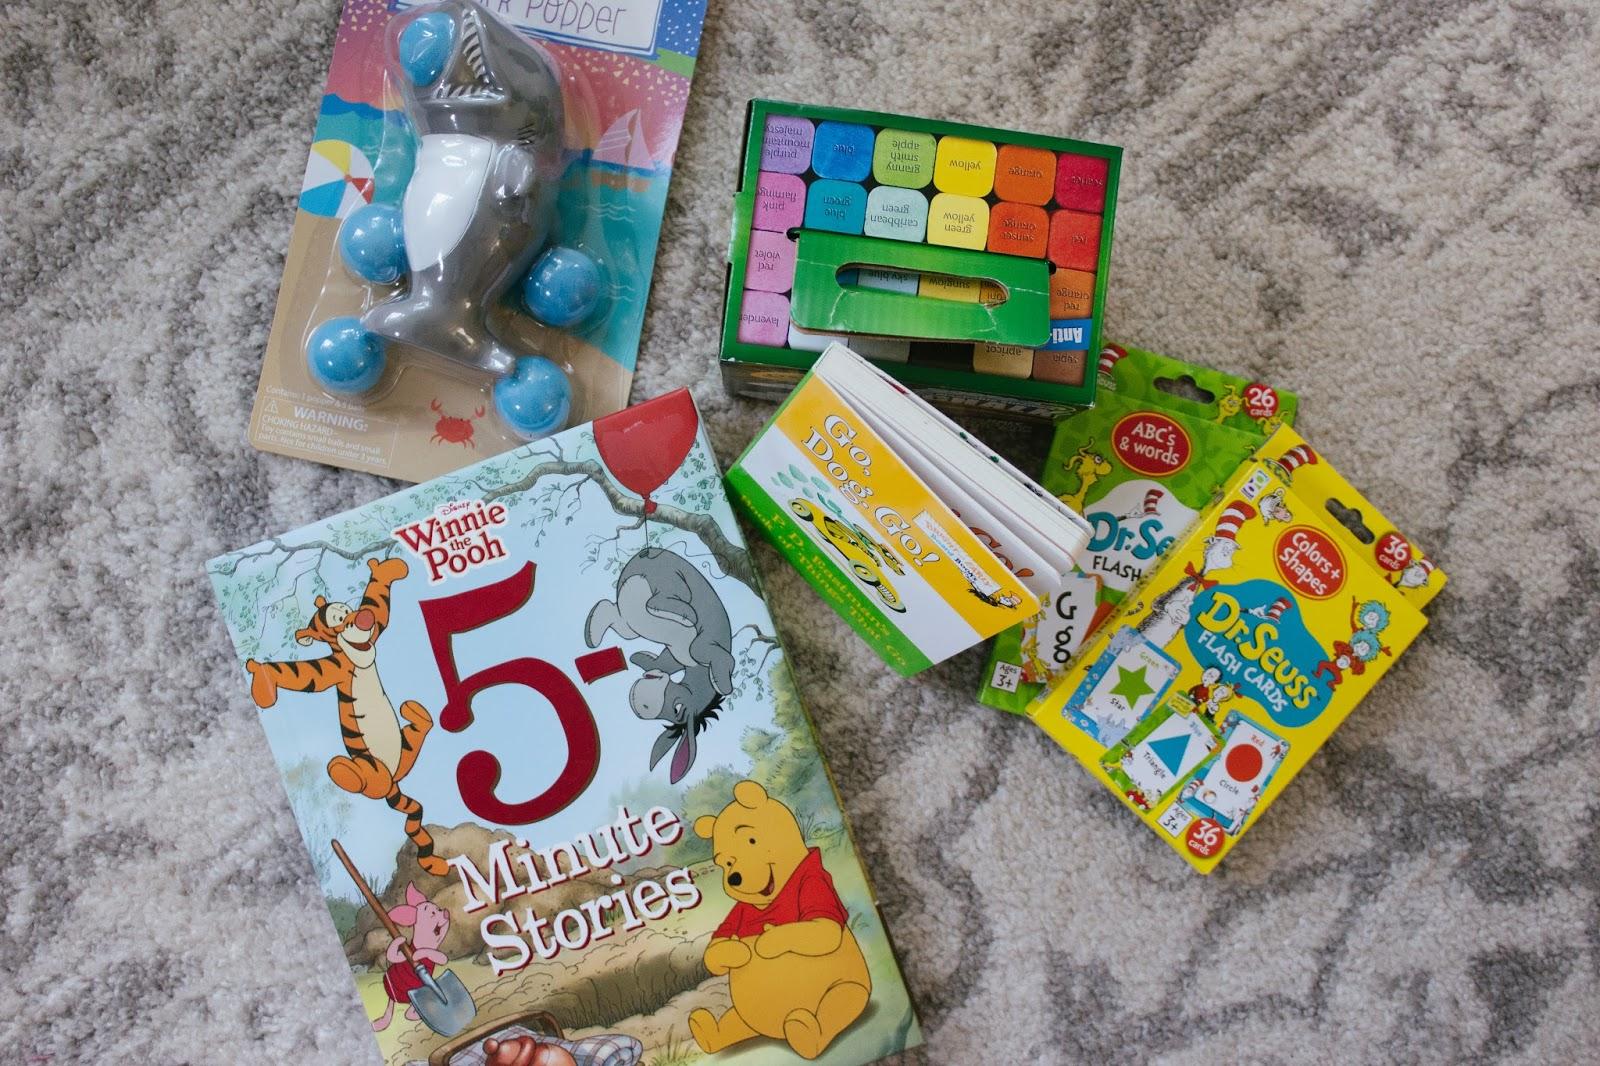 Oak oleander baby toddler easter basket gift guide baby toddler easter basket gift guide negle Images